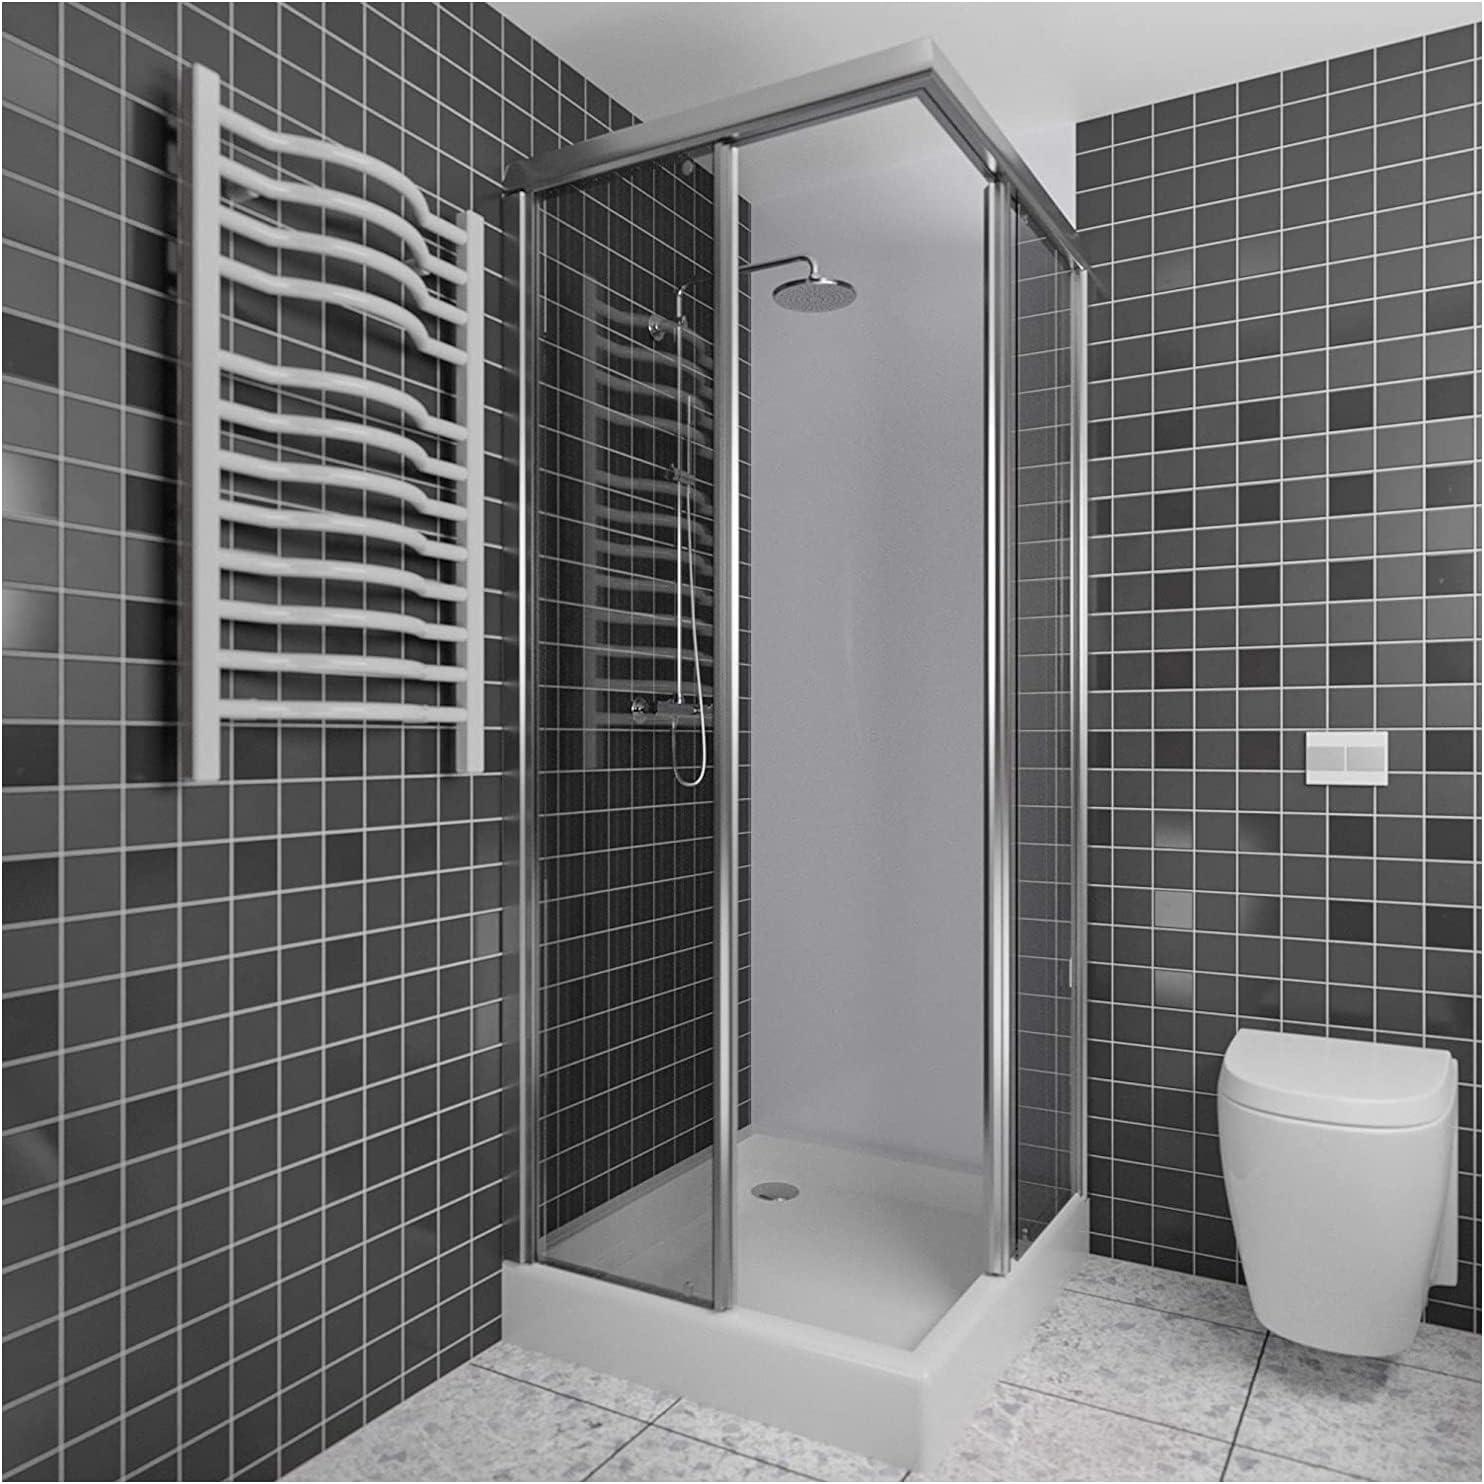 Duschwand Verkleidung als Wandfliesen Badezimmer Ersatz ...